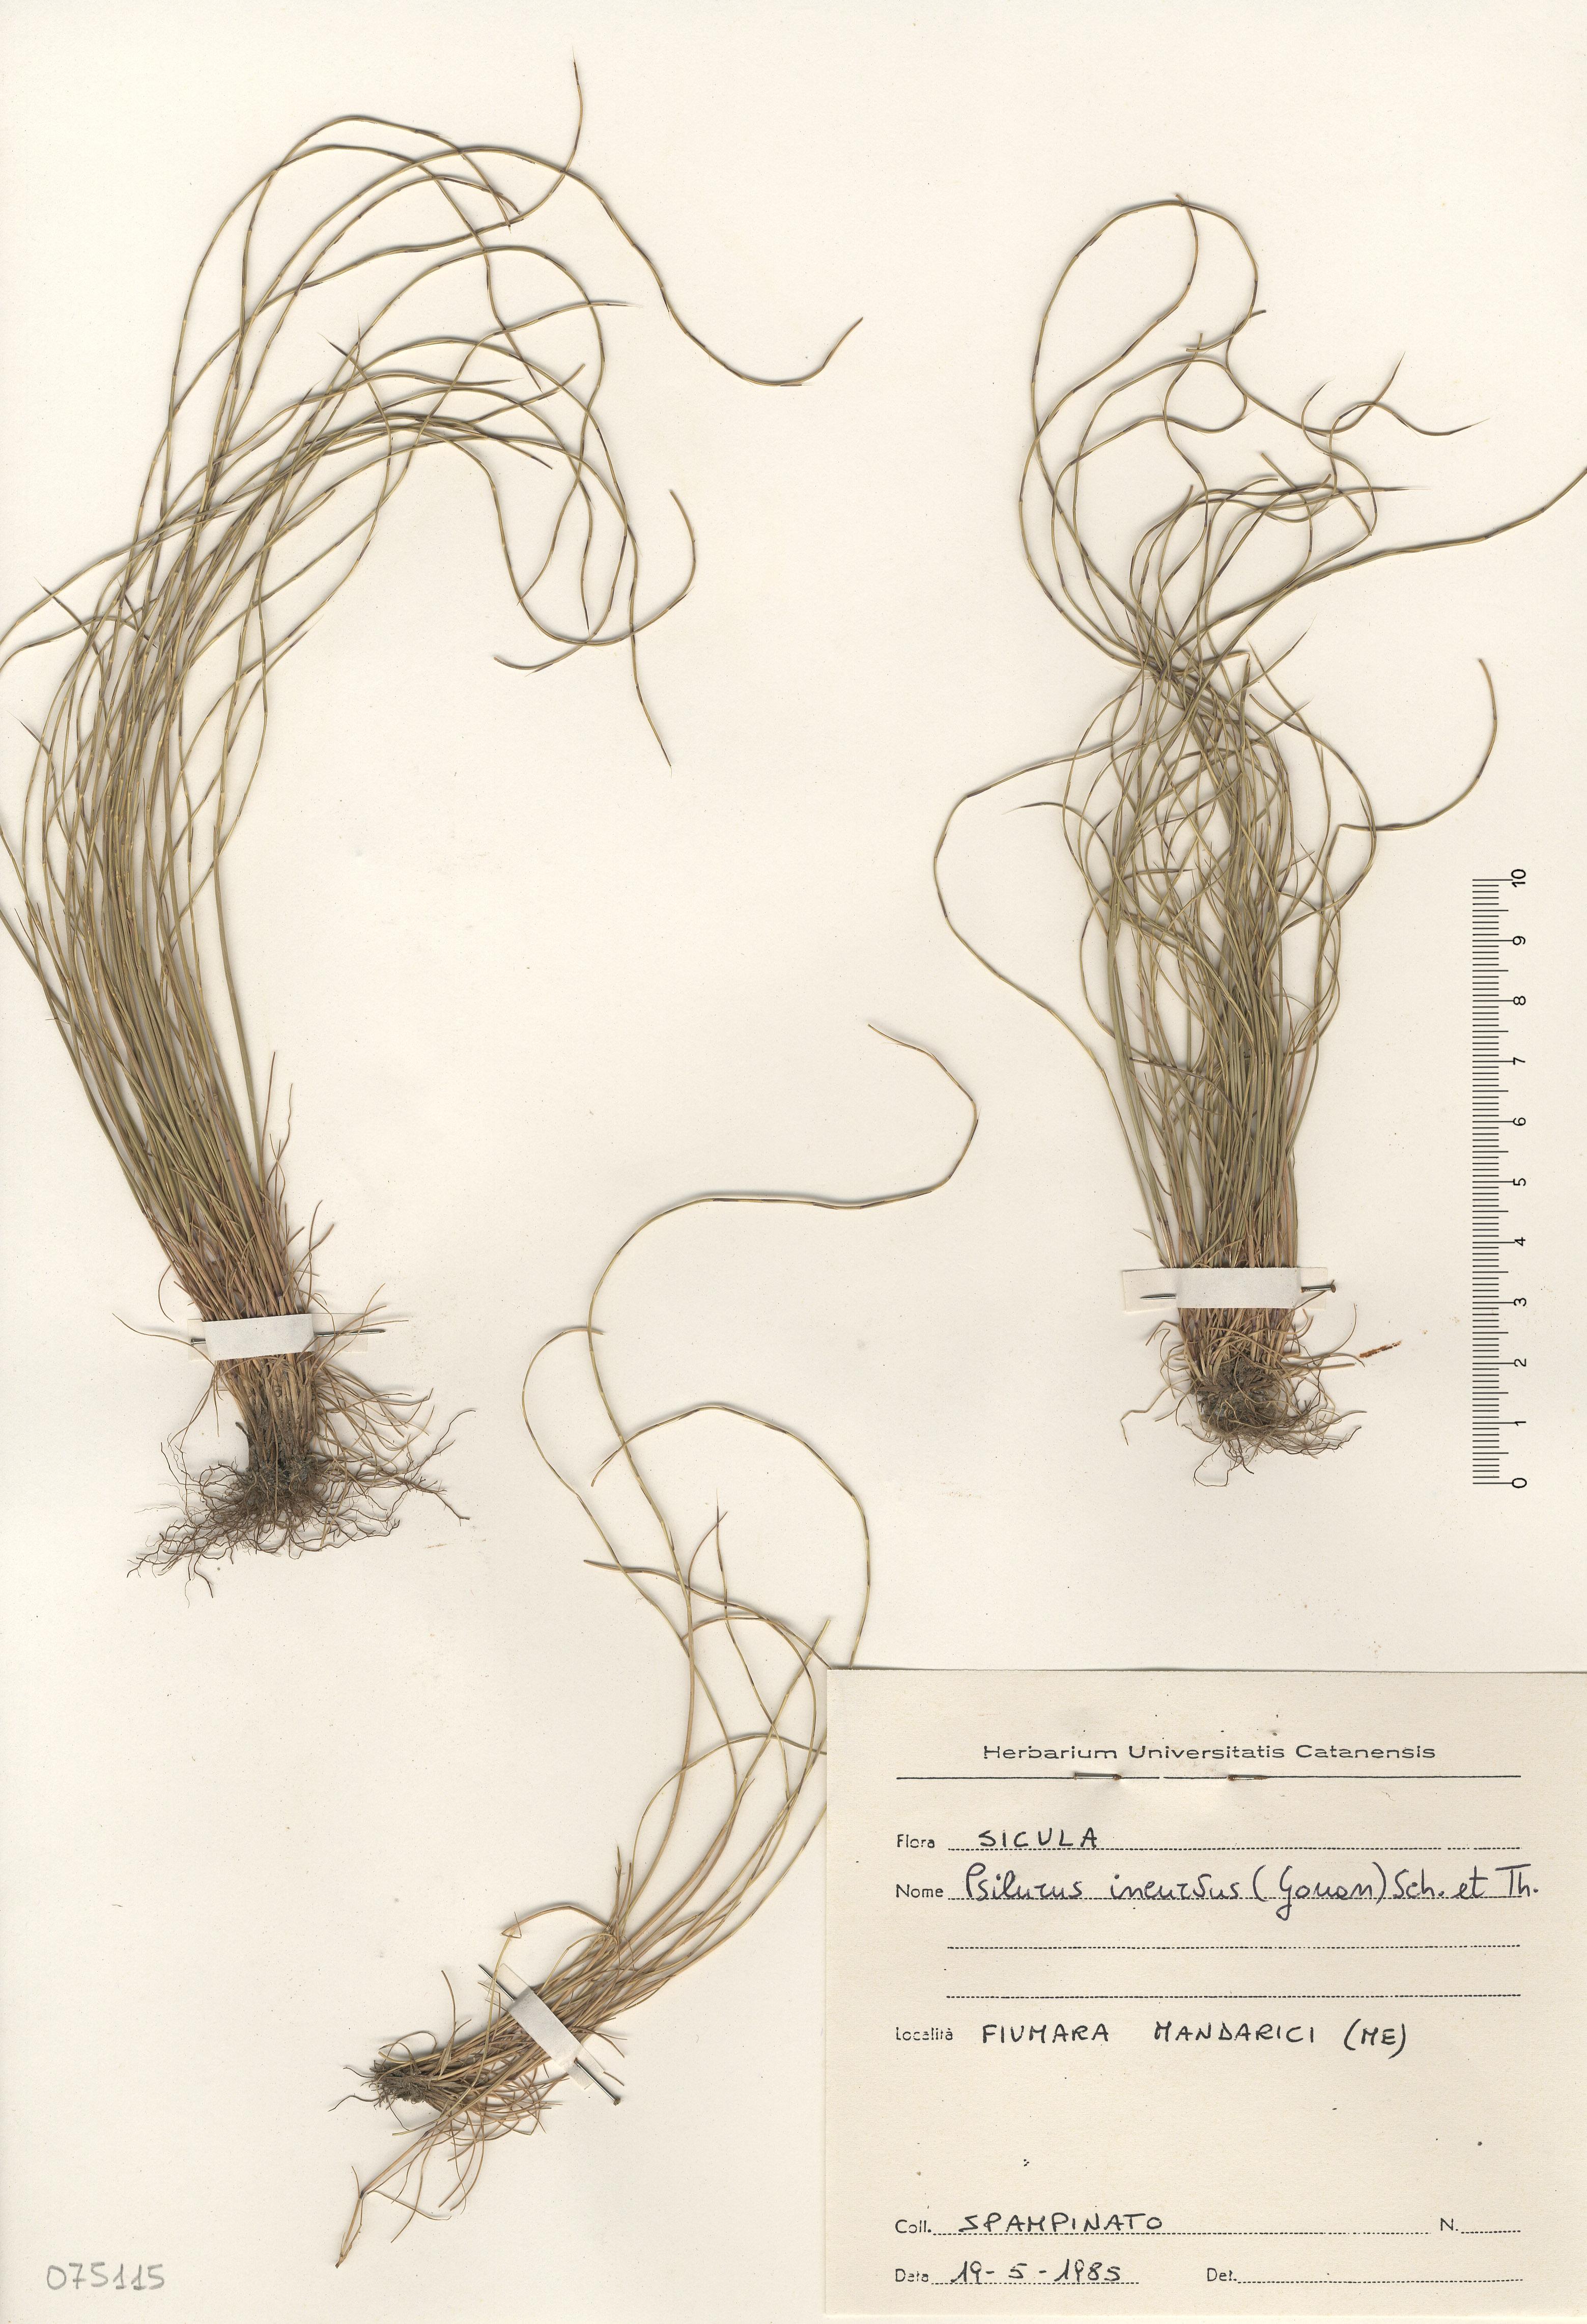 © Hortus Botanicus Catinensis - Herb. sheet 075115<br>